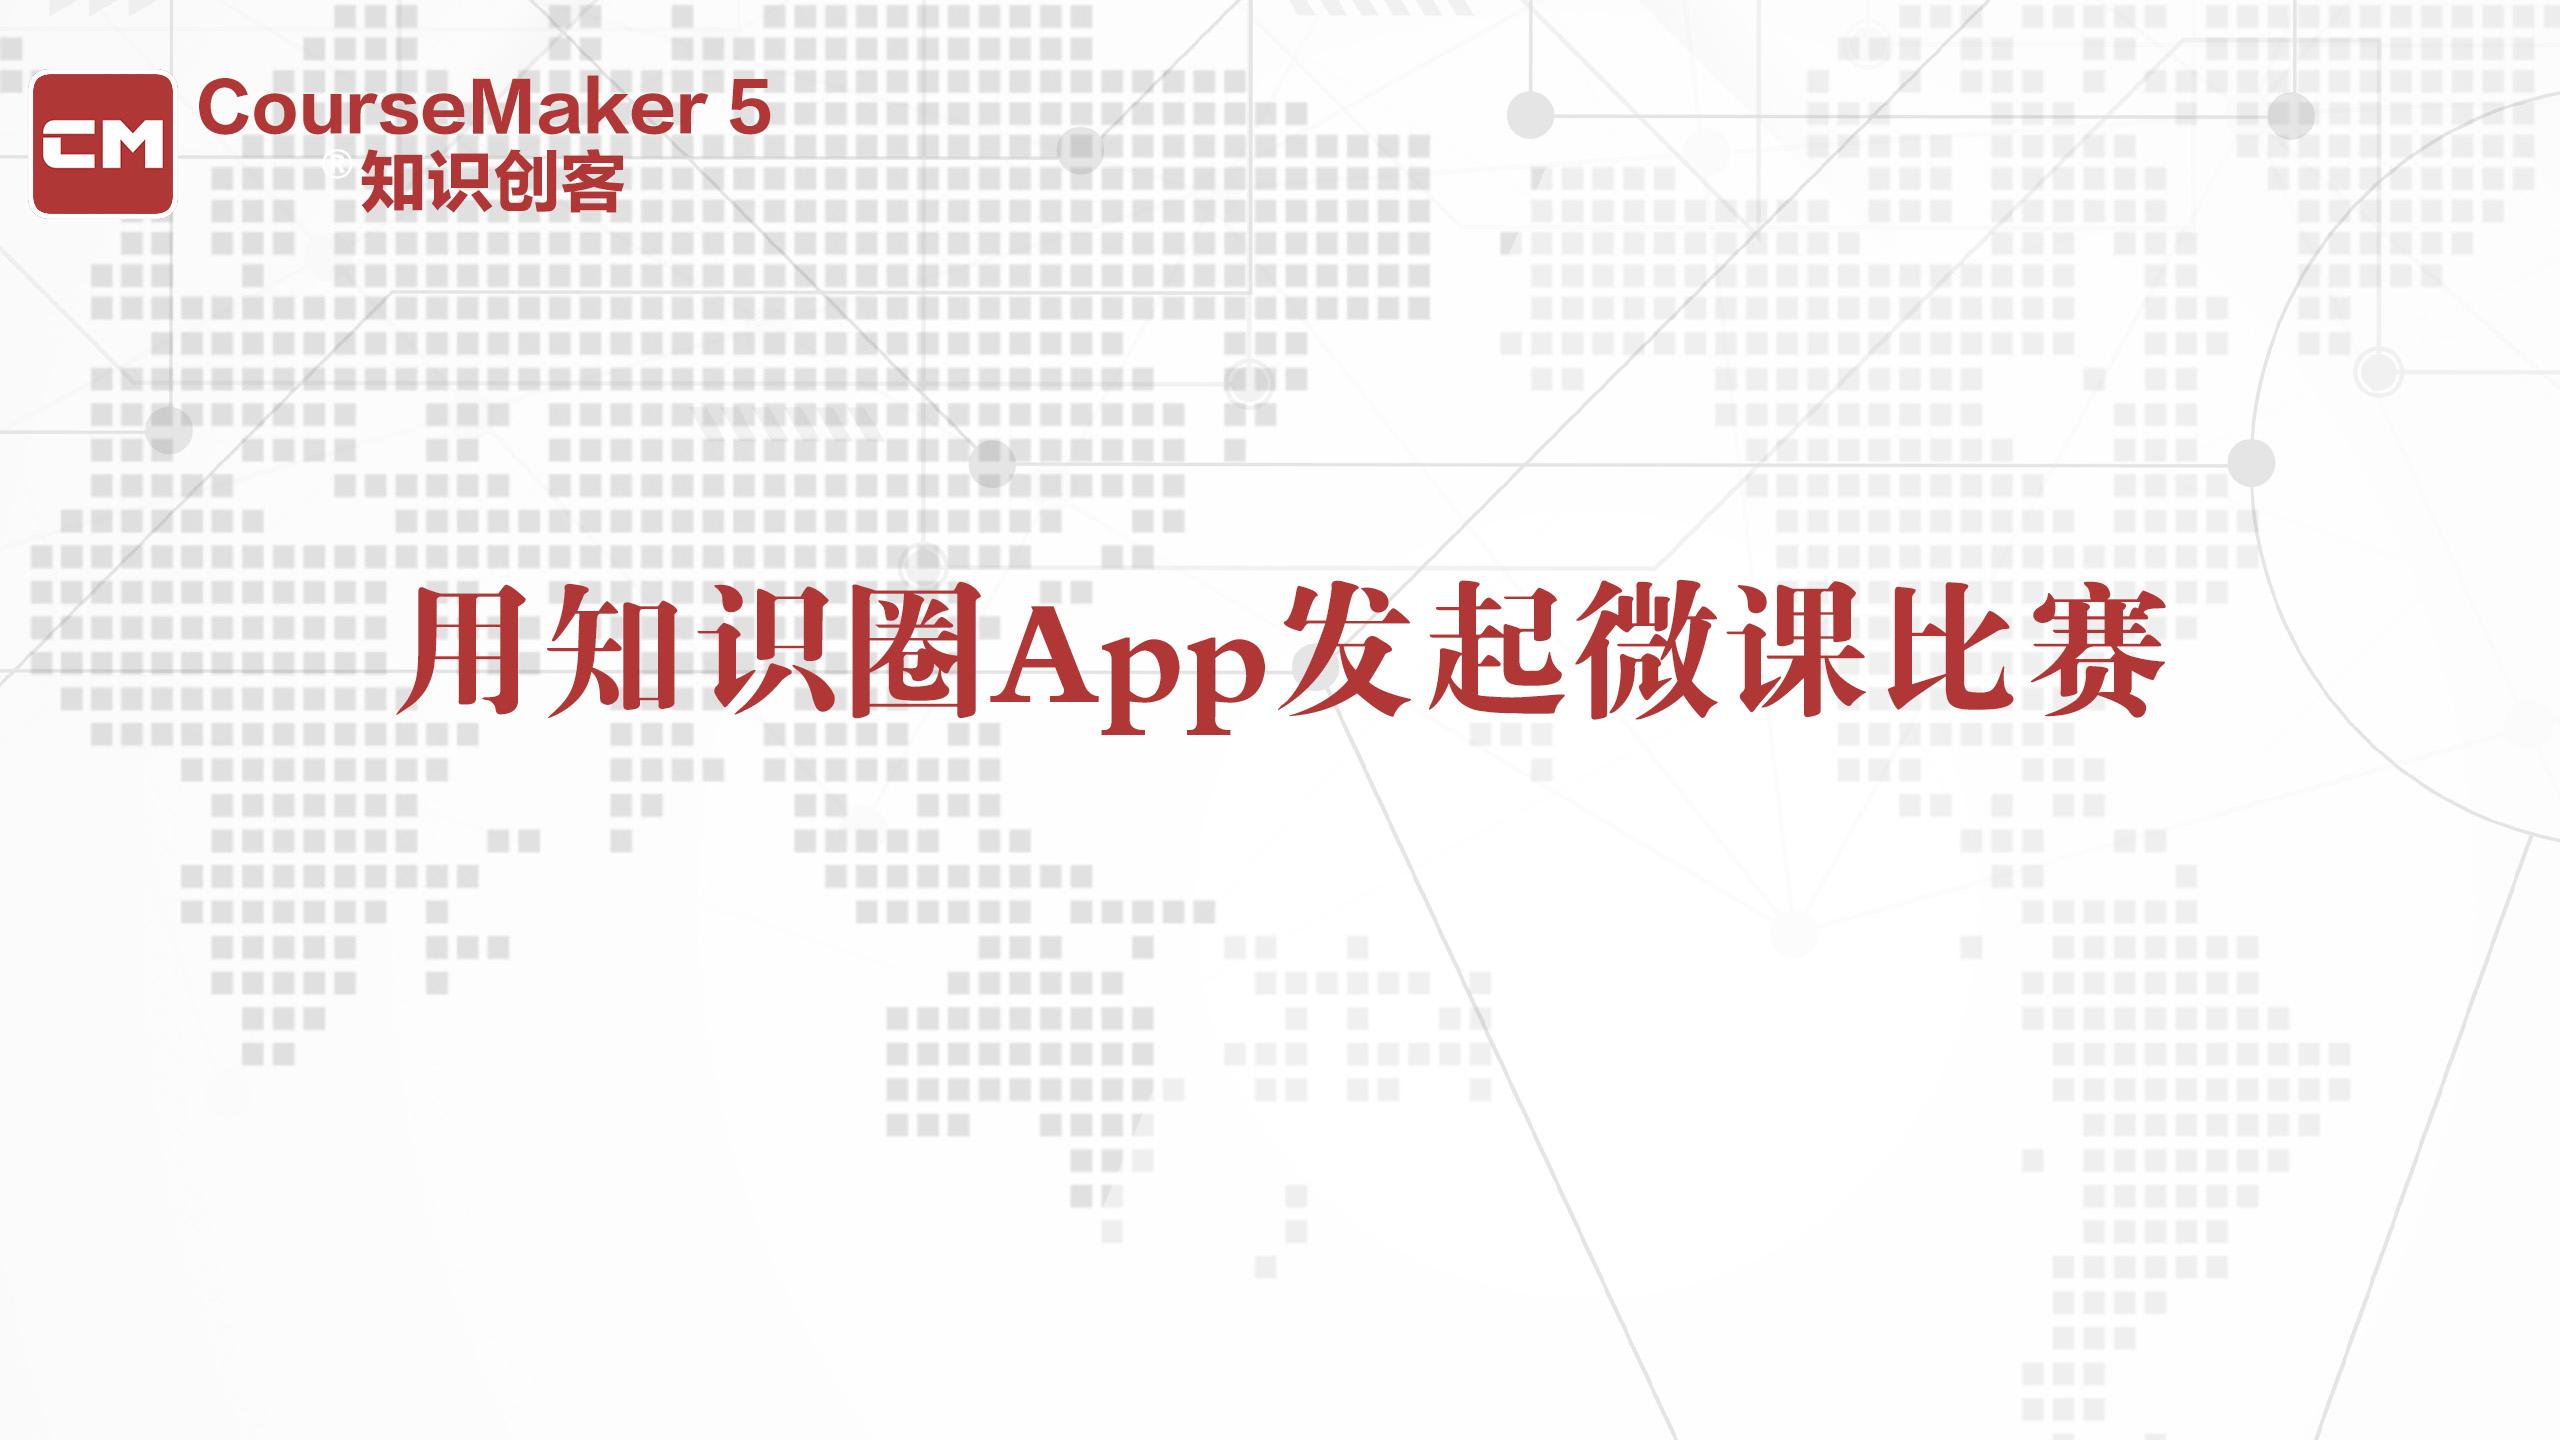 8.1 如何用知识圈App快速发起比赛